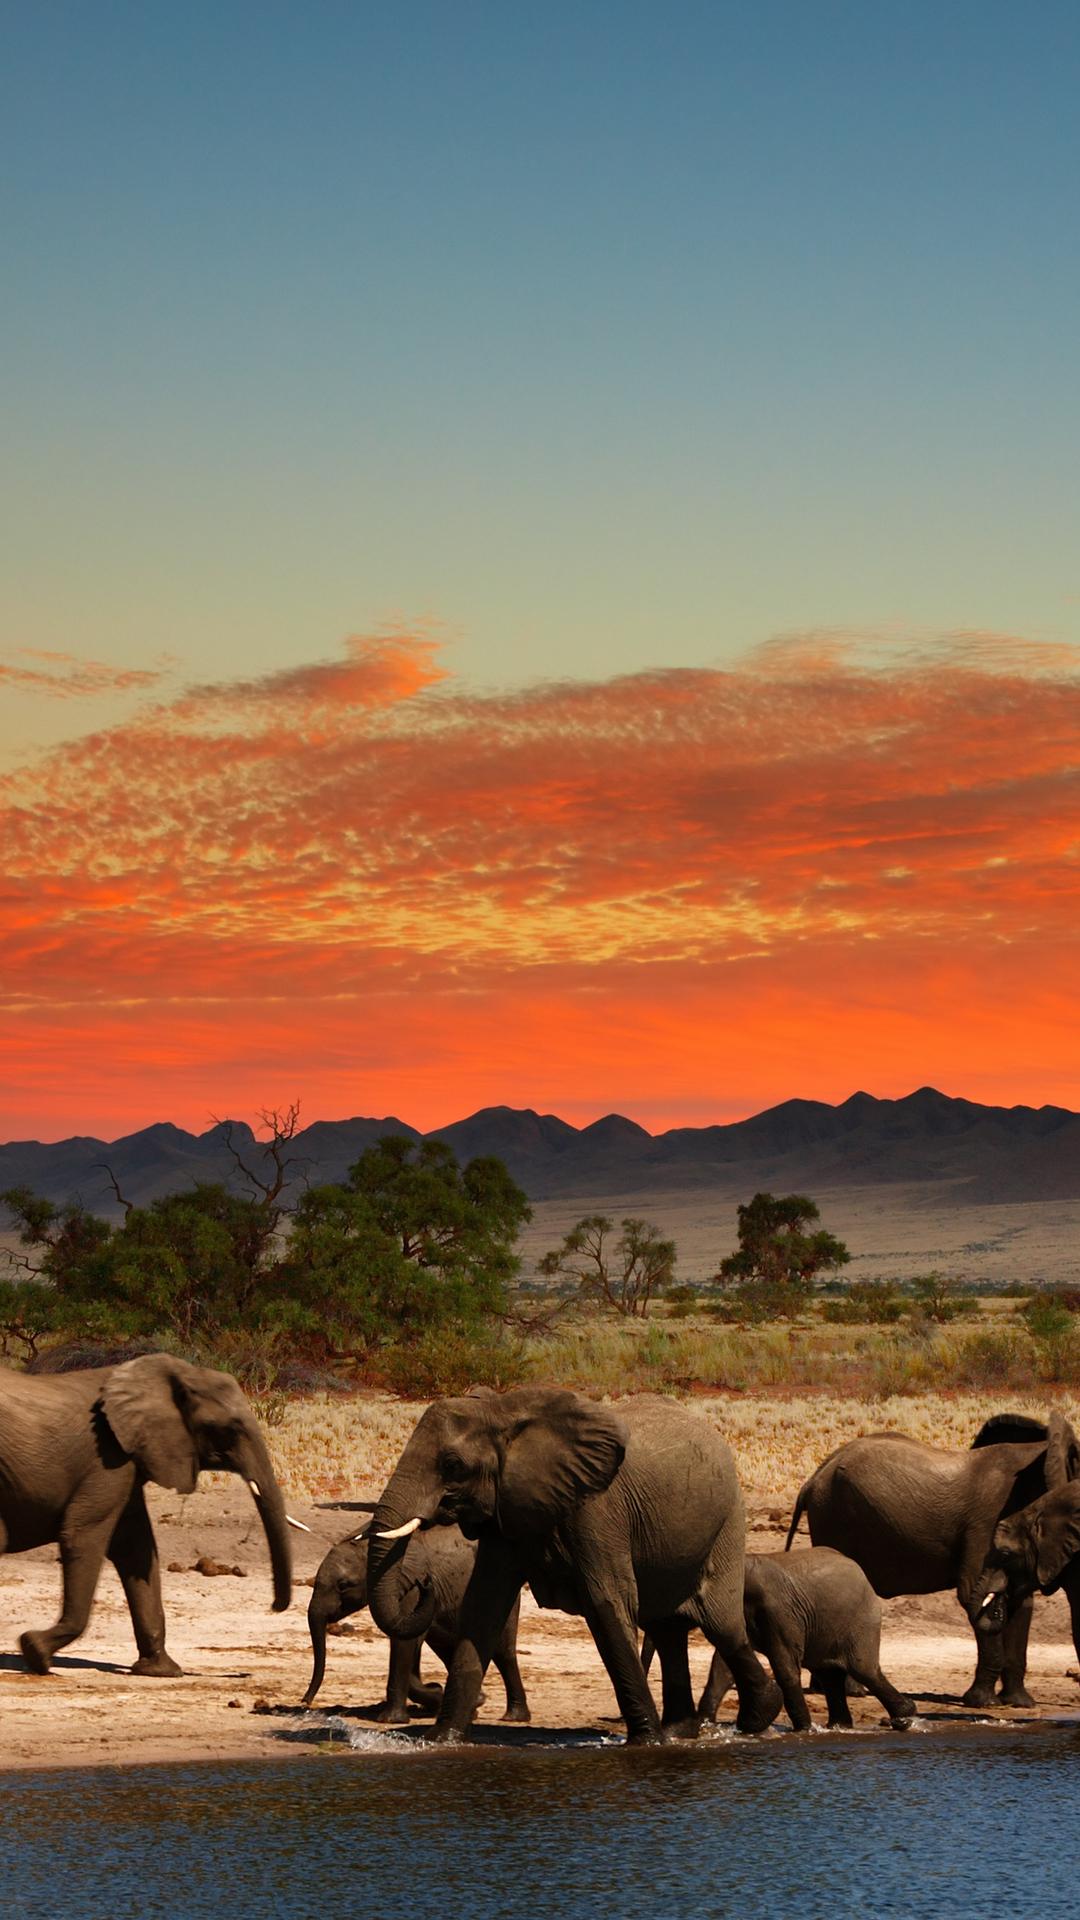 Elephants in African savanna 4K Ultra HD wallpaper 4k WallpaperNet 1080x1920